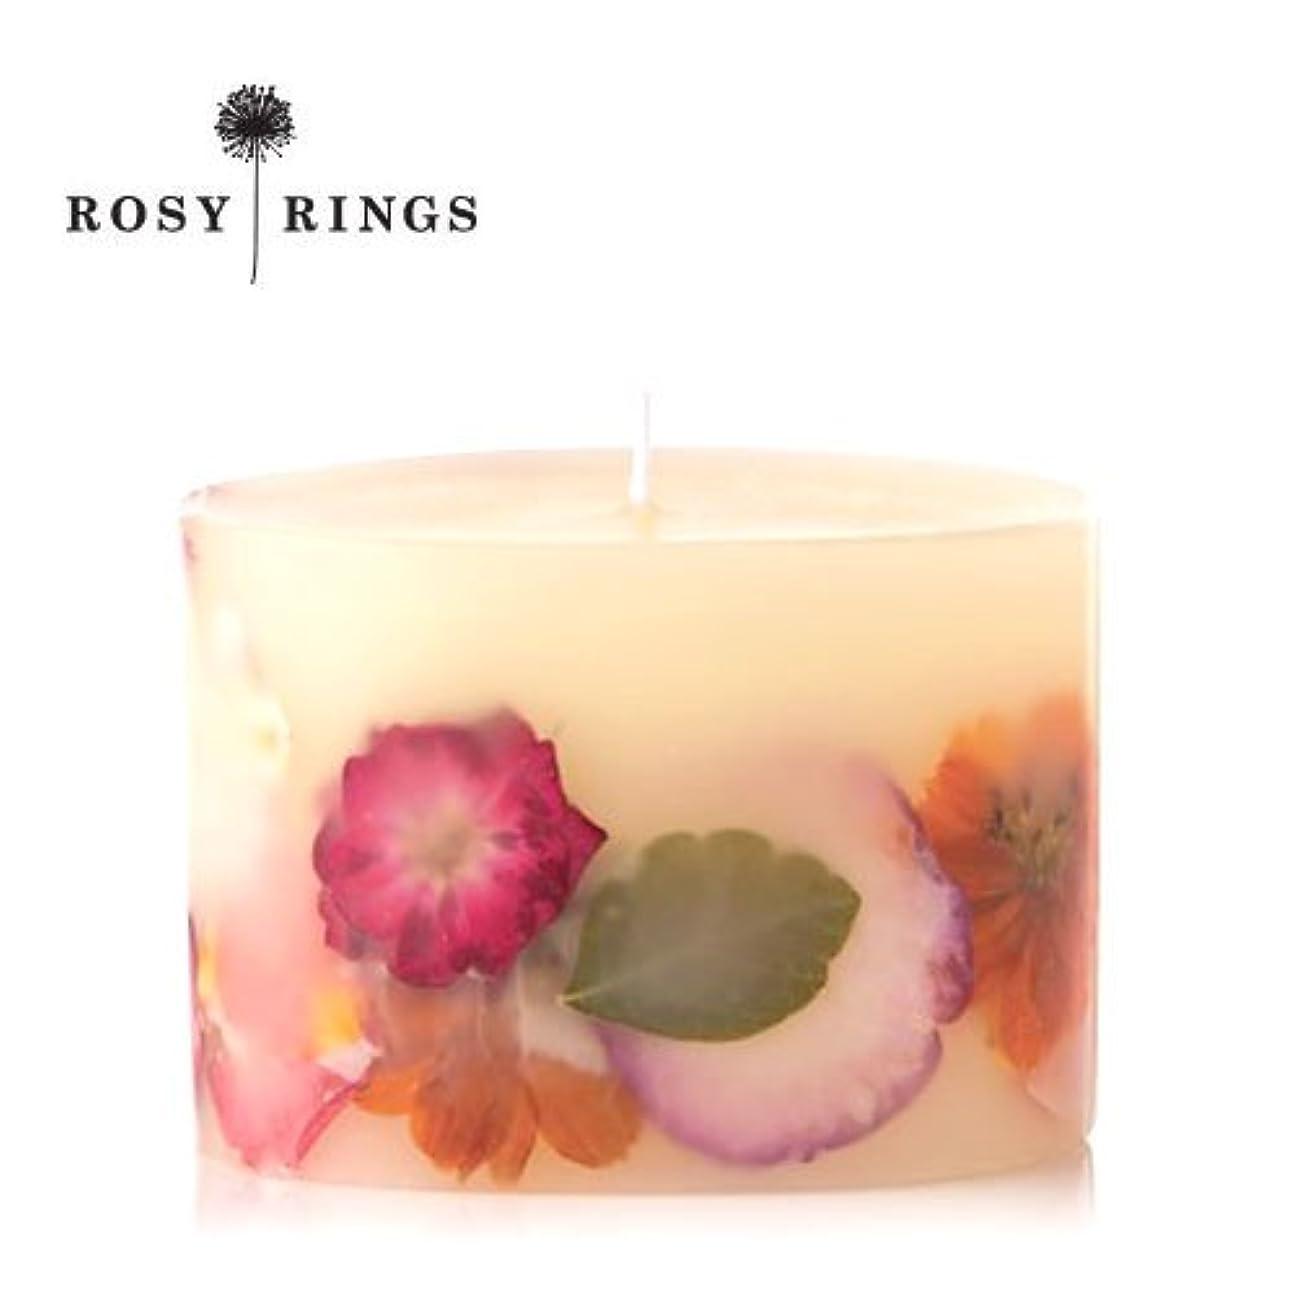 収入凍る吹きさらし【正規取扱店】 ROSY RINGS プティボタニカル キャンドル ?フィグ&ポピー? PETITE BOTANICAL COLLECTION (ロージーリングス)